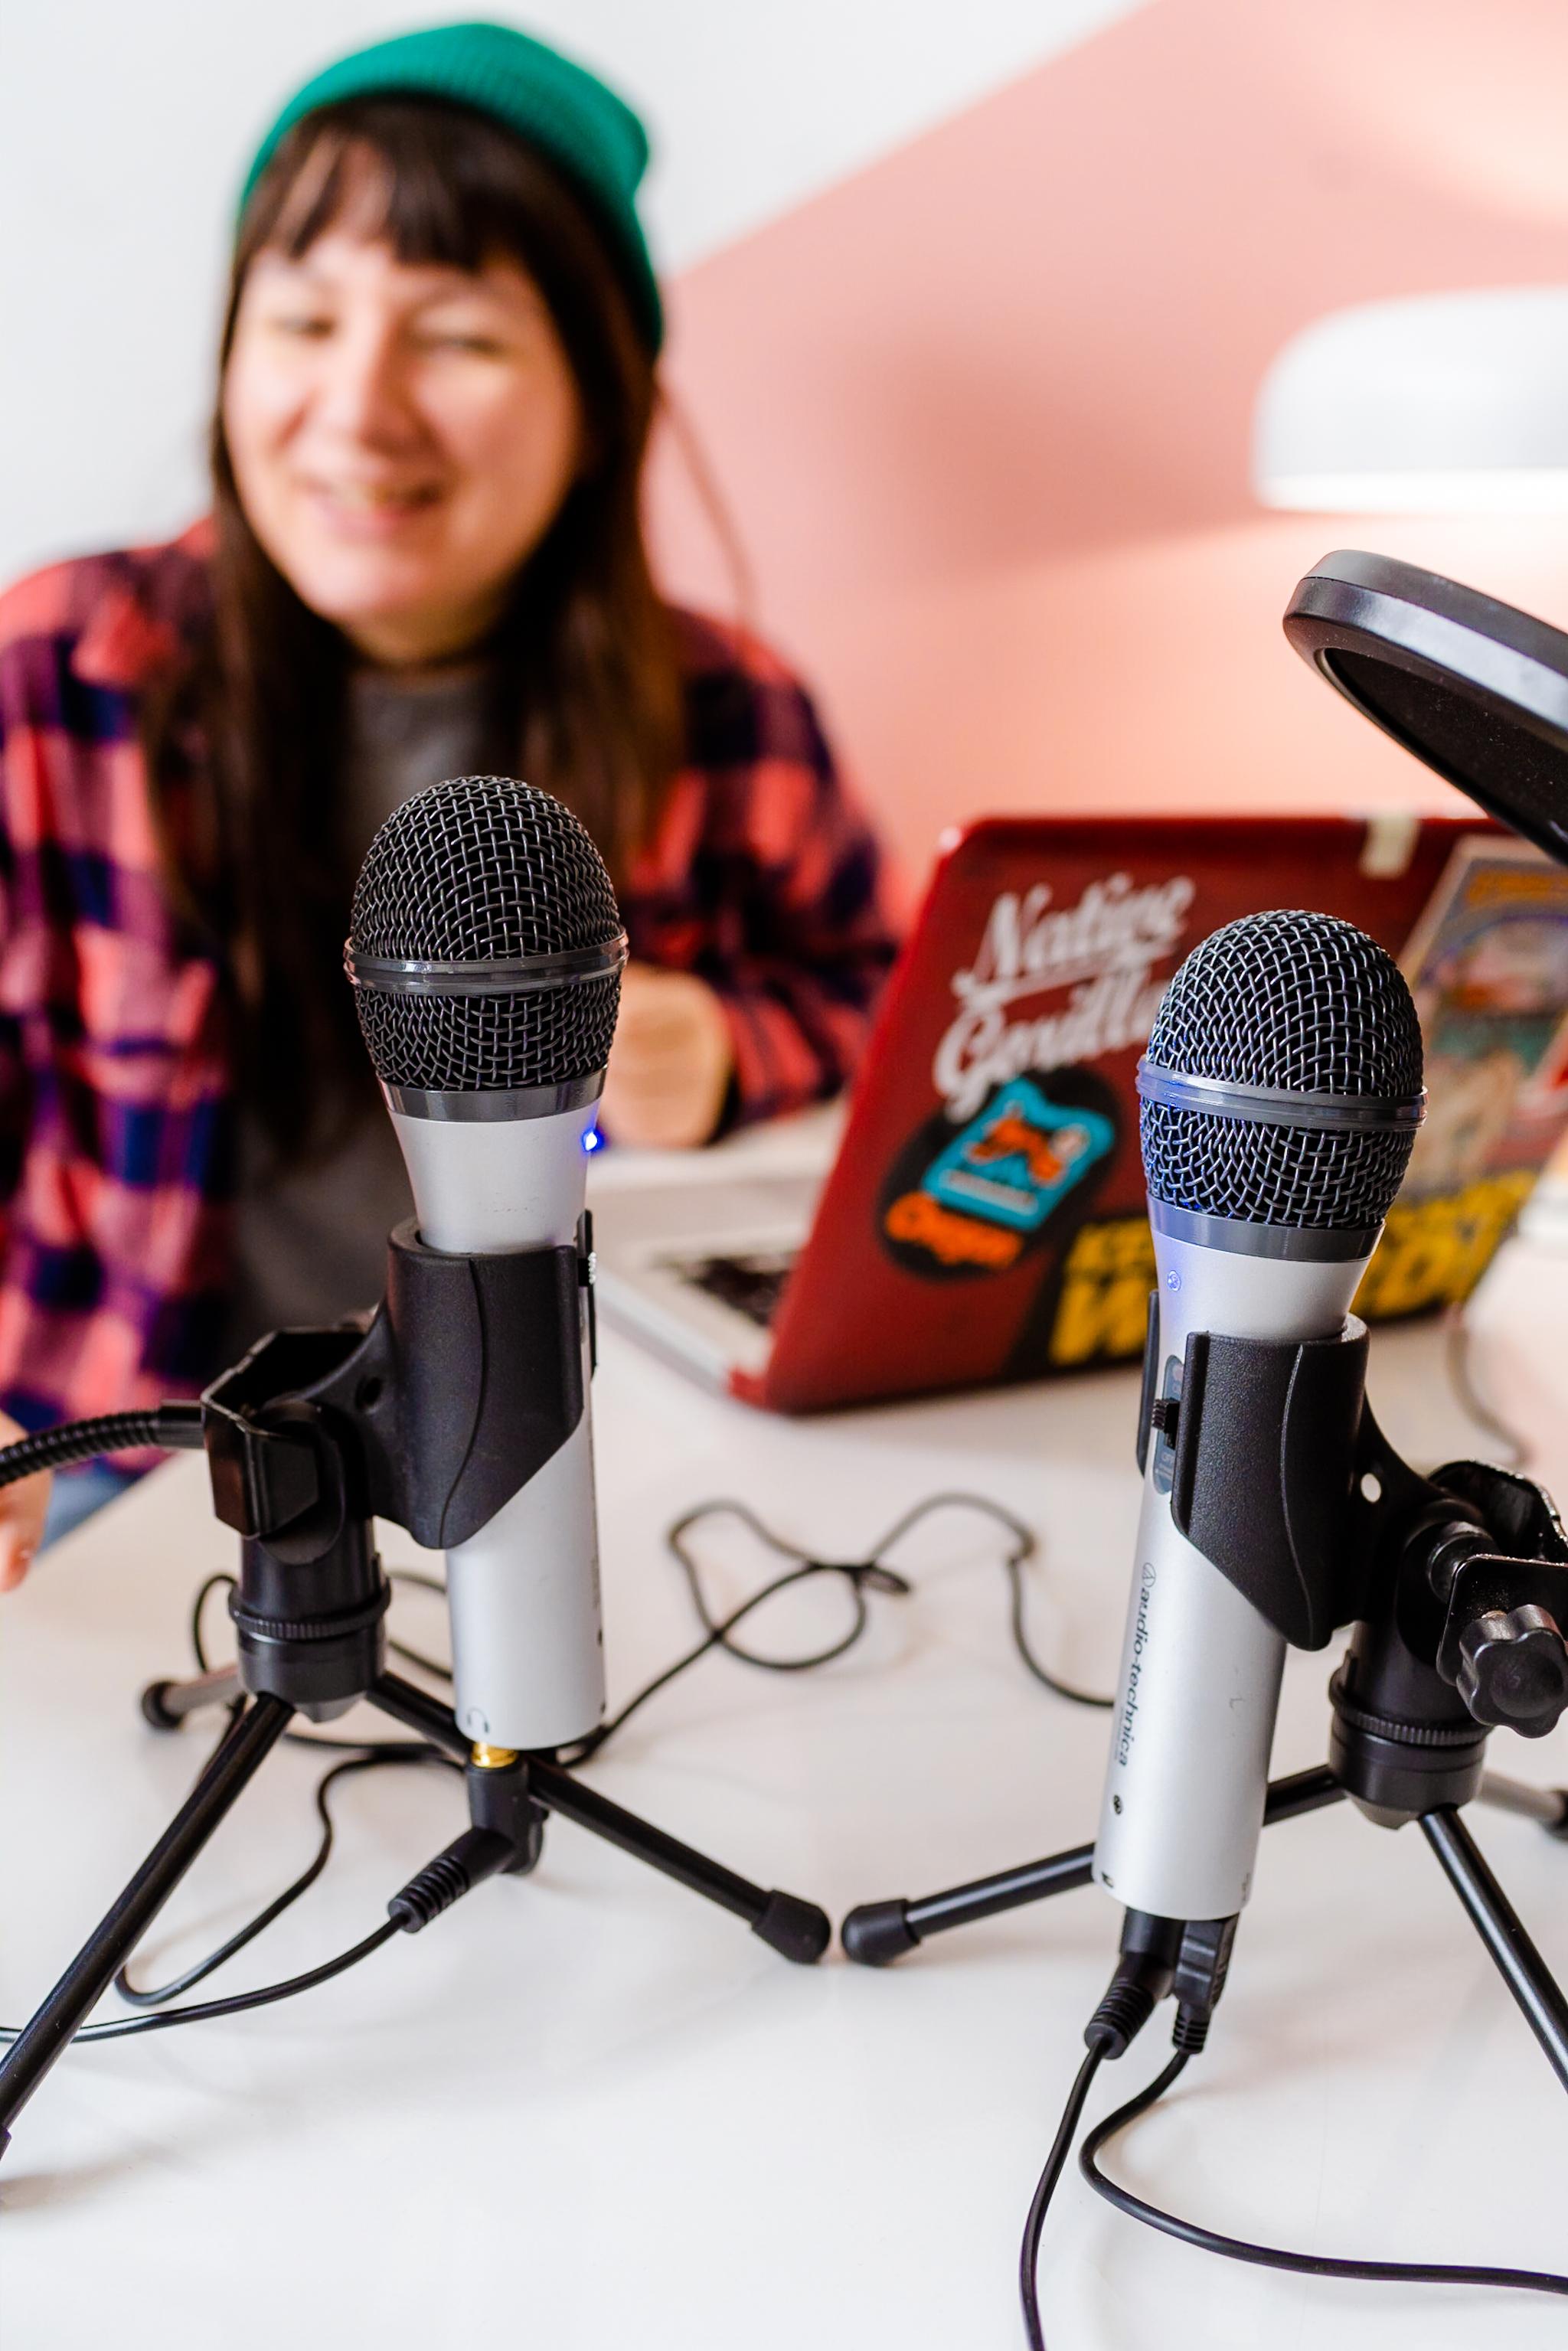 room-402-podcasting-12 copy.jpg